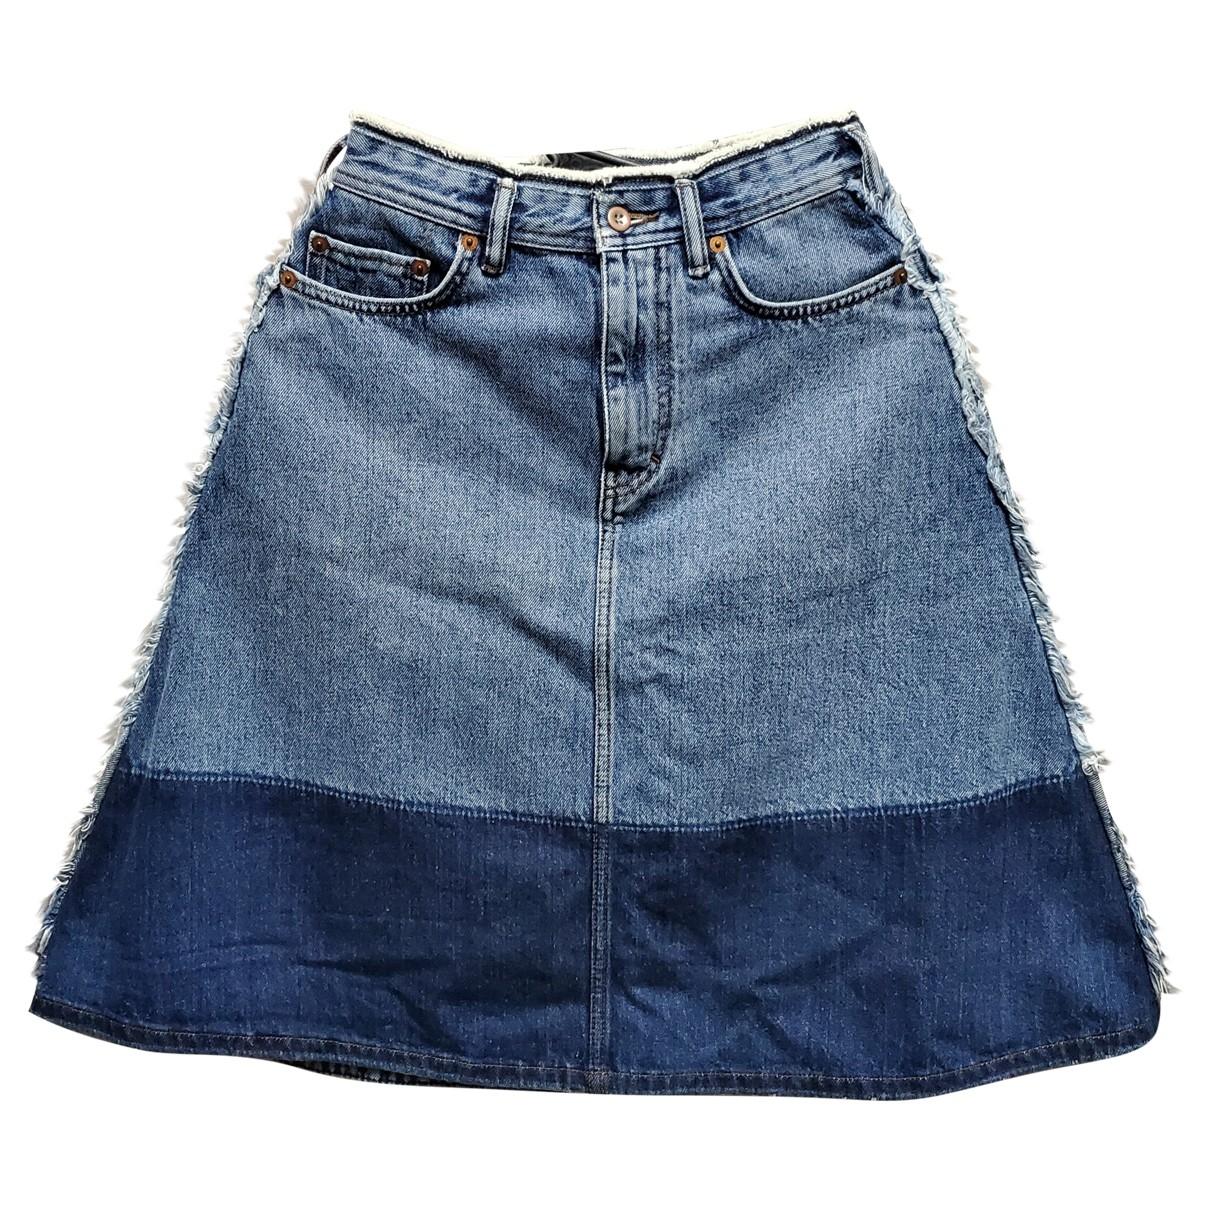 Acne Studios Blå Konst Blue Denim - Jeans skirt for Women 34 FR